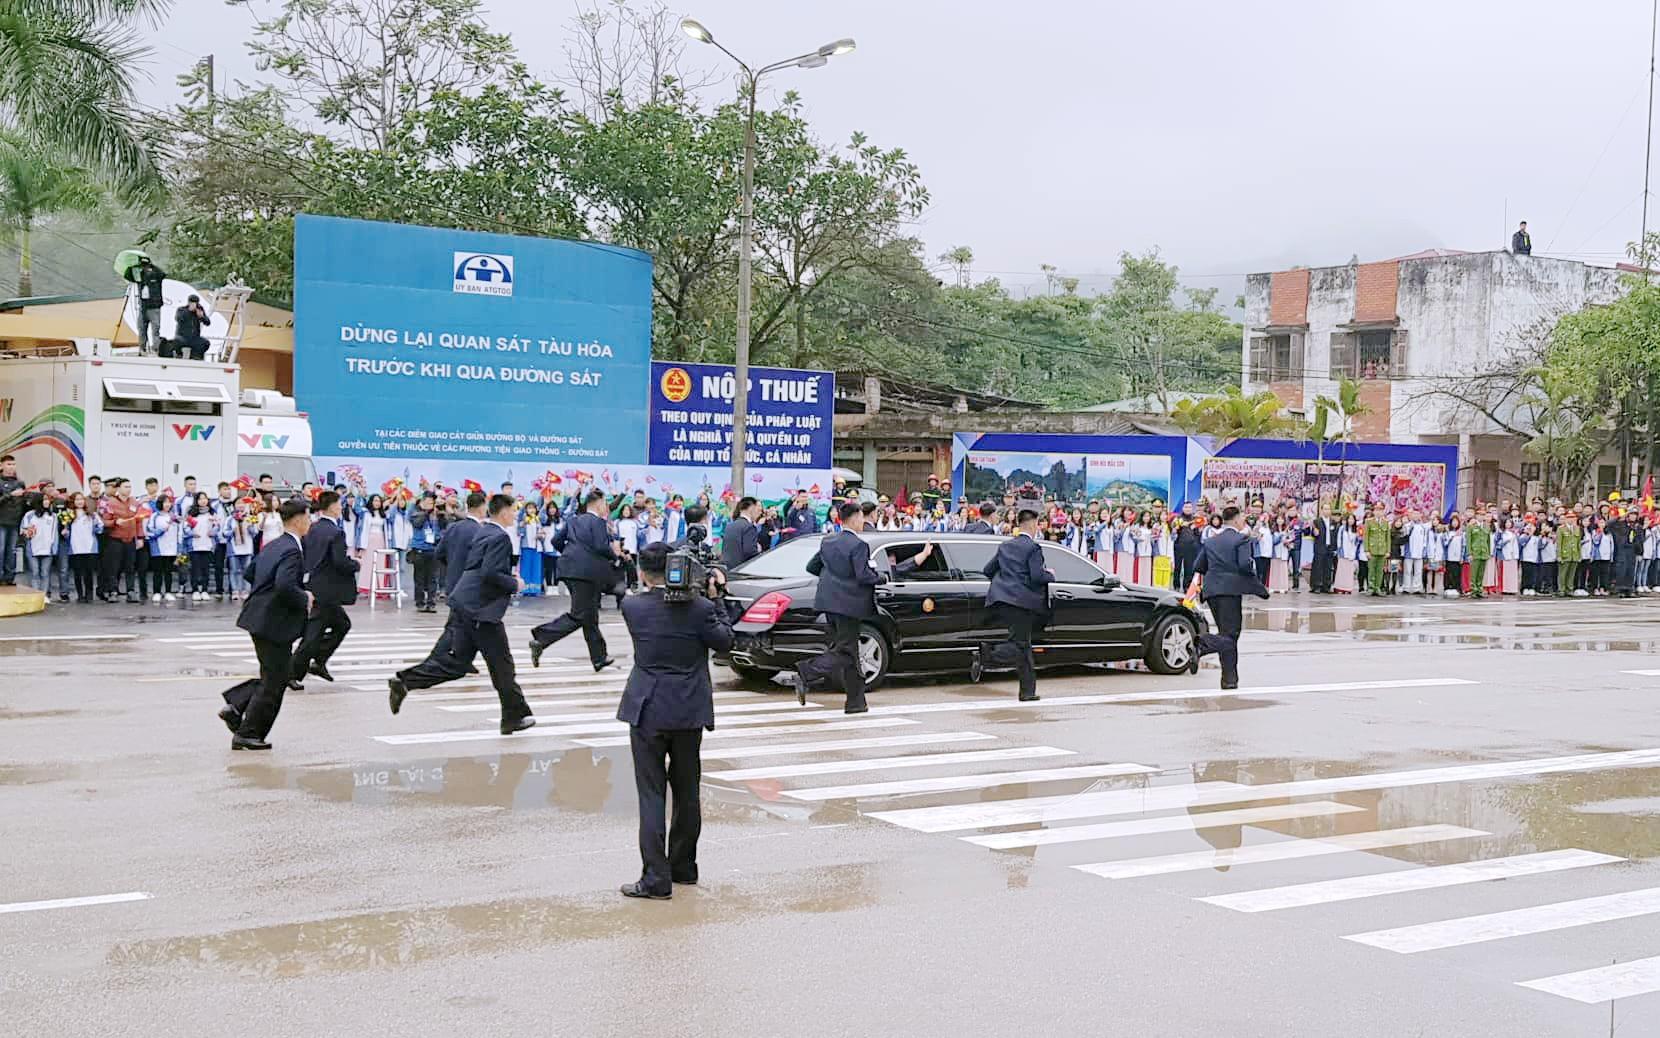 [PHOTO ESSAY] Những khoảnh khắc lịch sử trong chuyến công du Việt Nam đầu tiên của Chủ tịch Kim Jong-un - Ảnh 9.